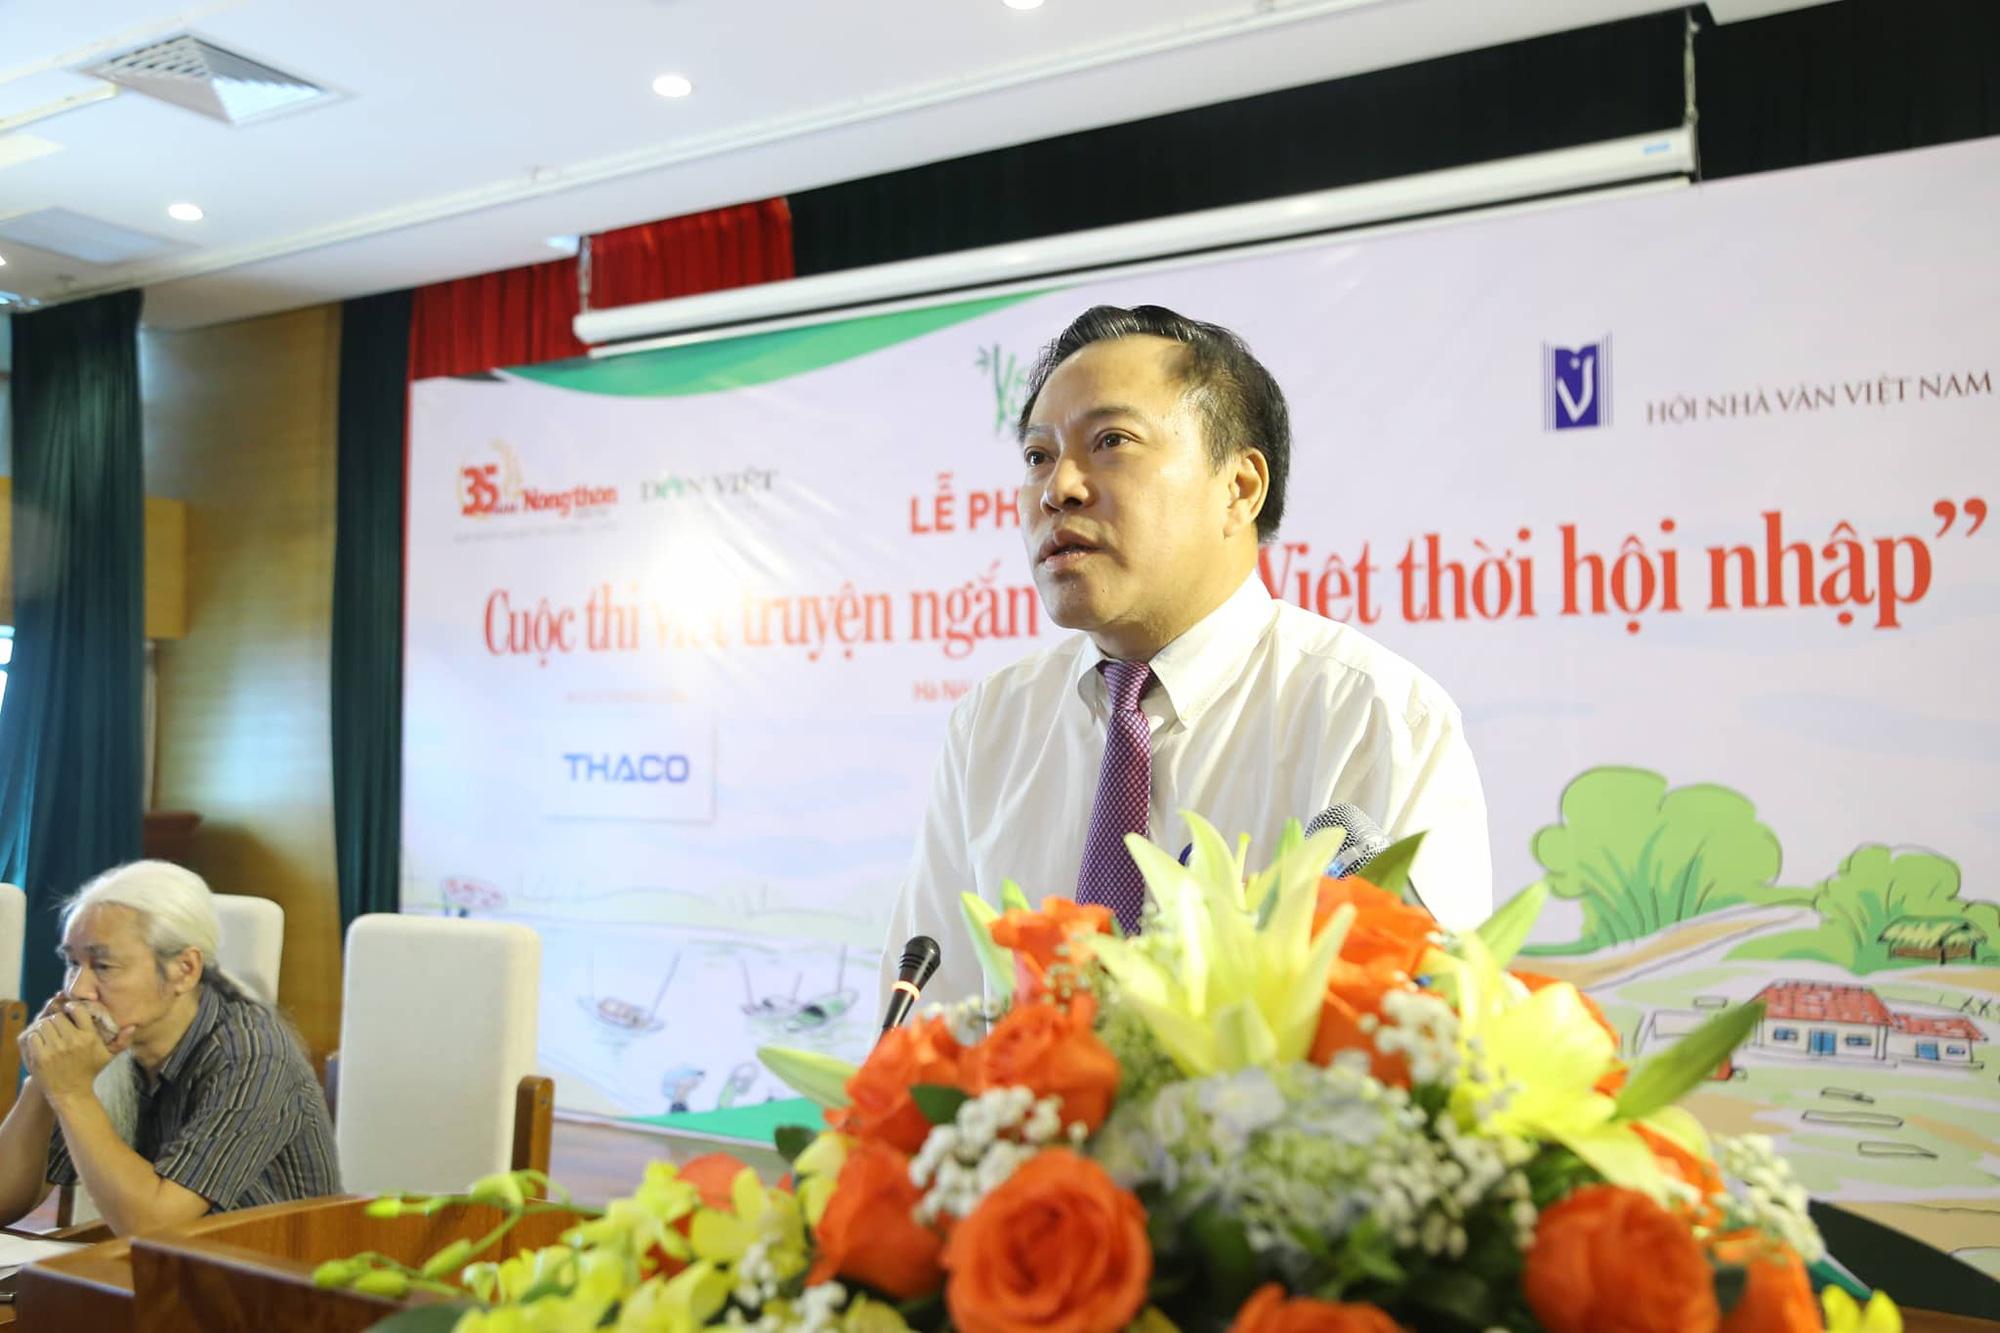 """Báo NTNN công bố quyết định thành lập Ban Tổ chức, Ban Giám khảo cuộc thi viết truyện ngắn """"Làng Việt thời hội nhập"""" - Ảnh 1."""